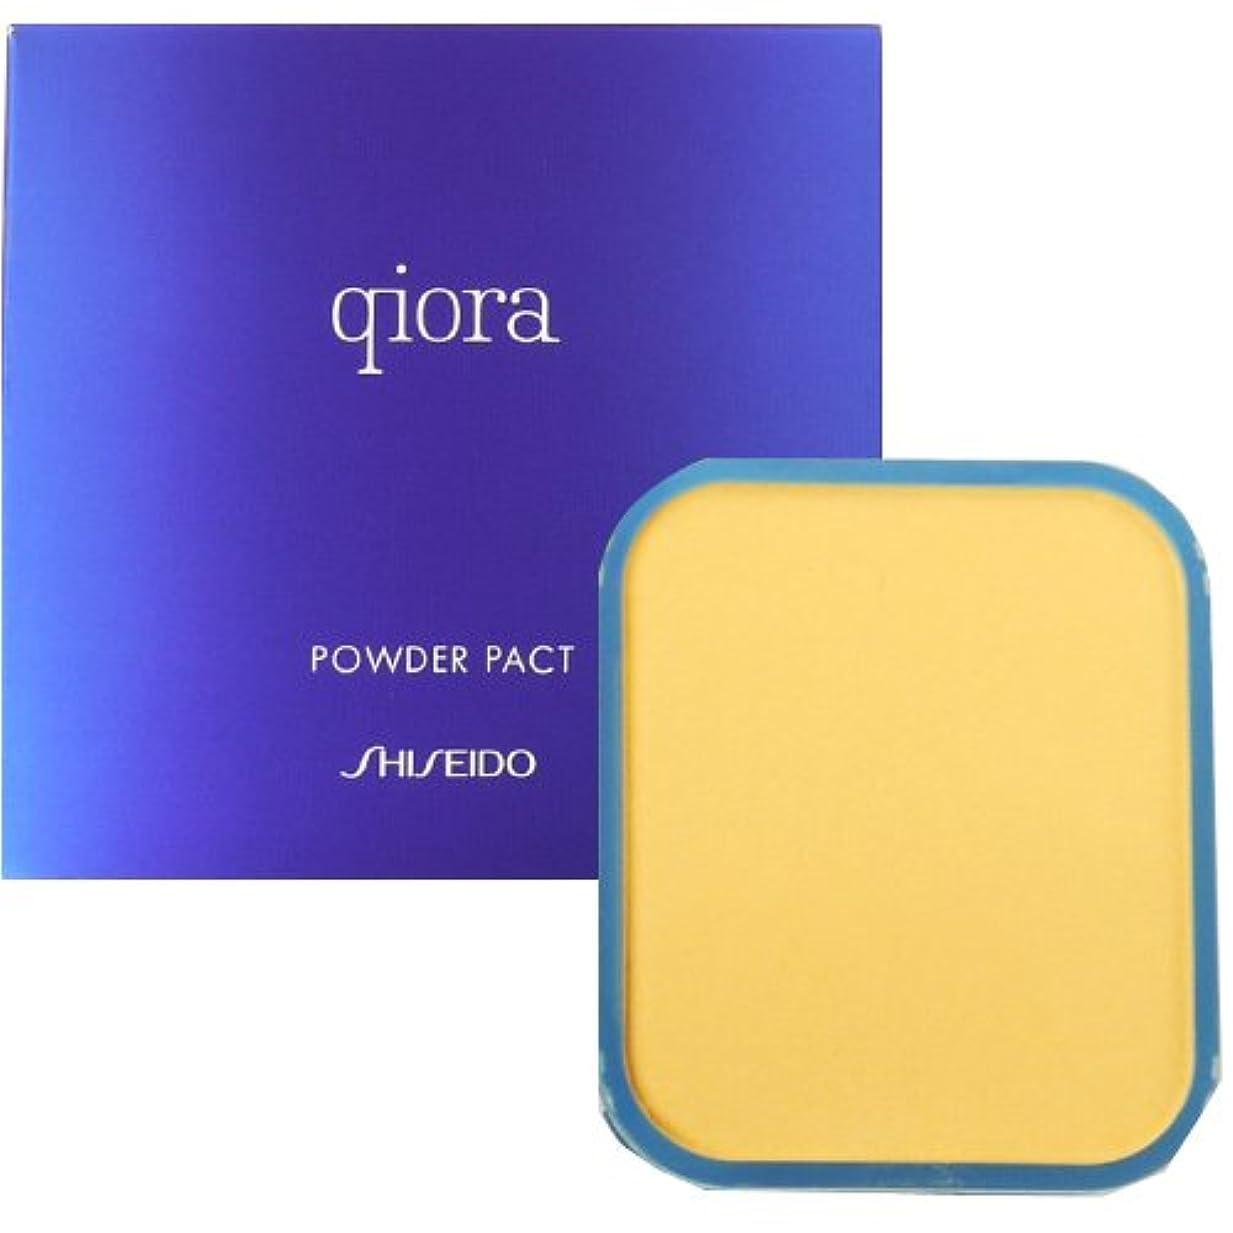 認可突然強い資生堂 キオラ qiora パウダーパクト SPF17 PA++ 【詰め替え用】 10g【ベージュオークル10】